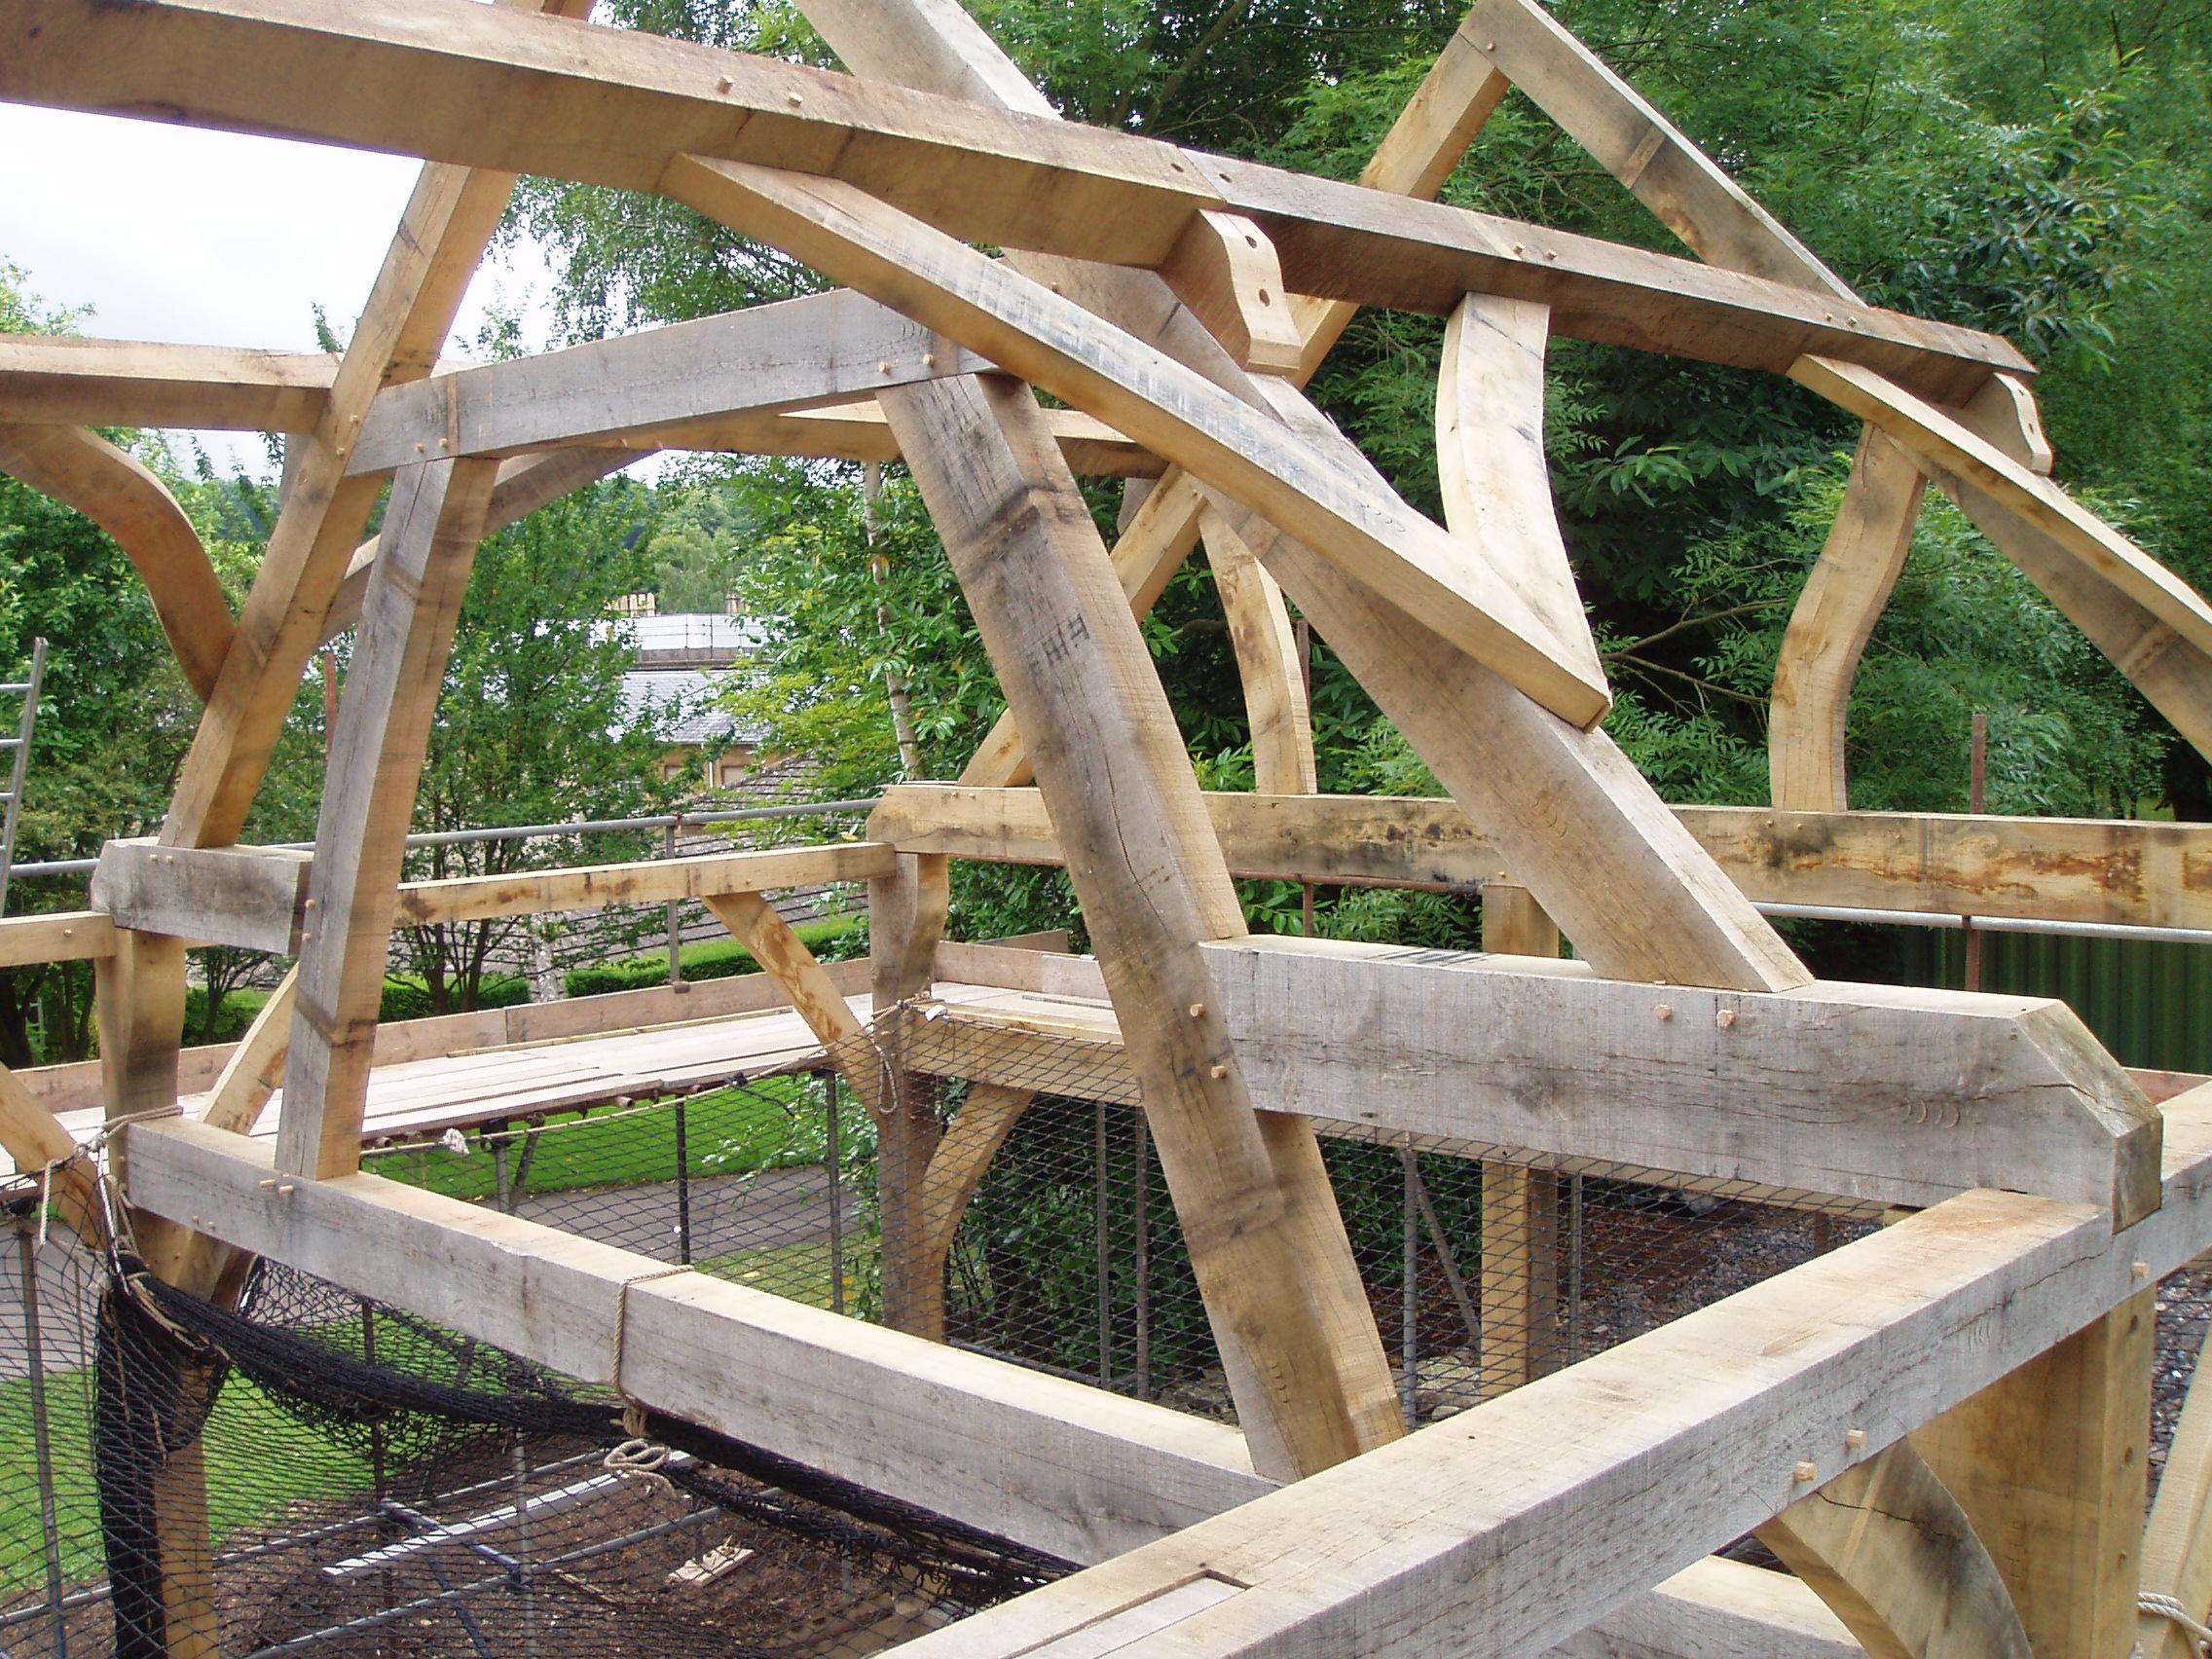 Charpente De Toit Oak Timber Framing Amp Carpentry In France